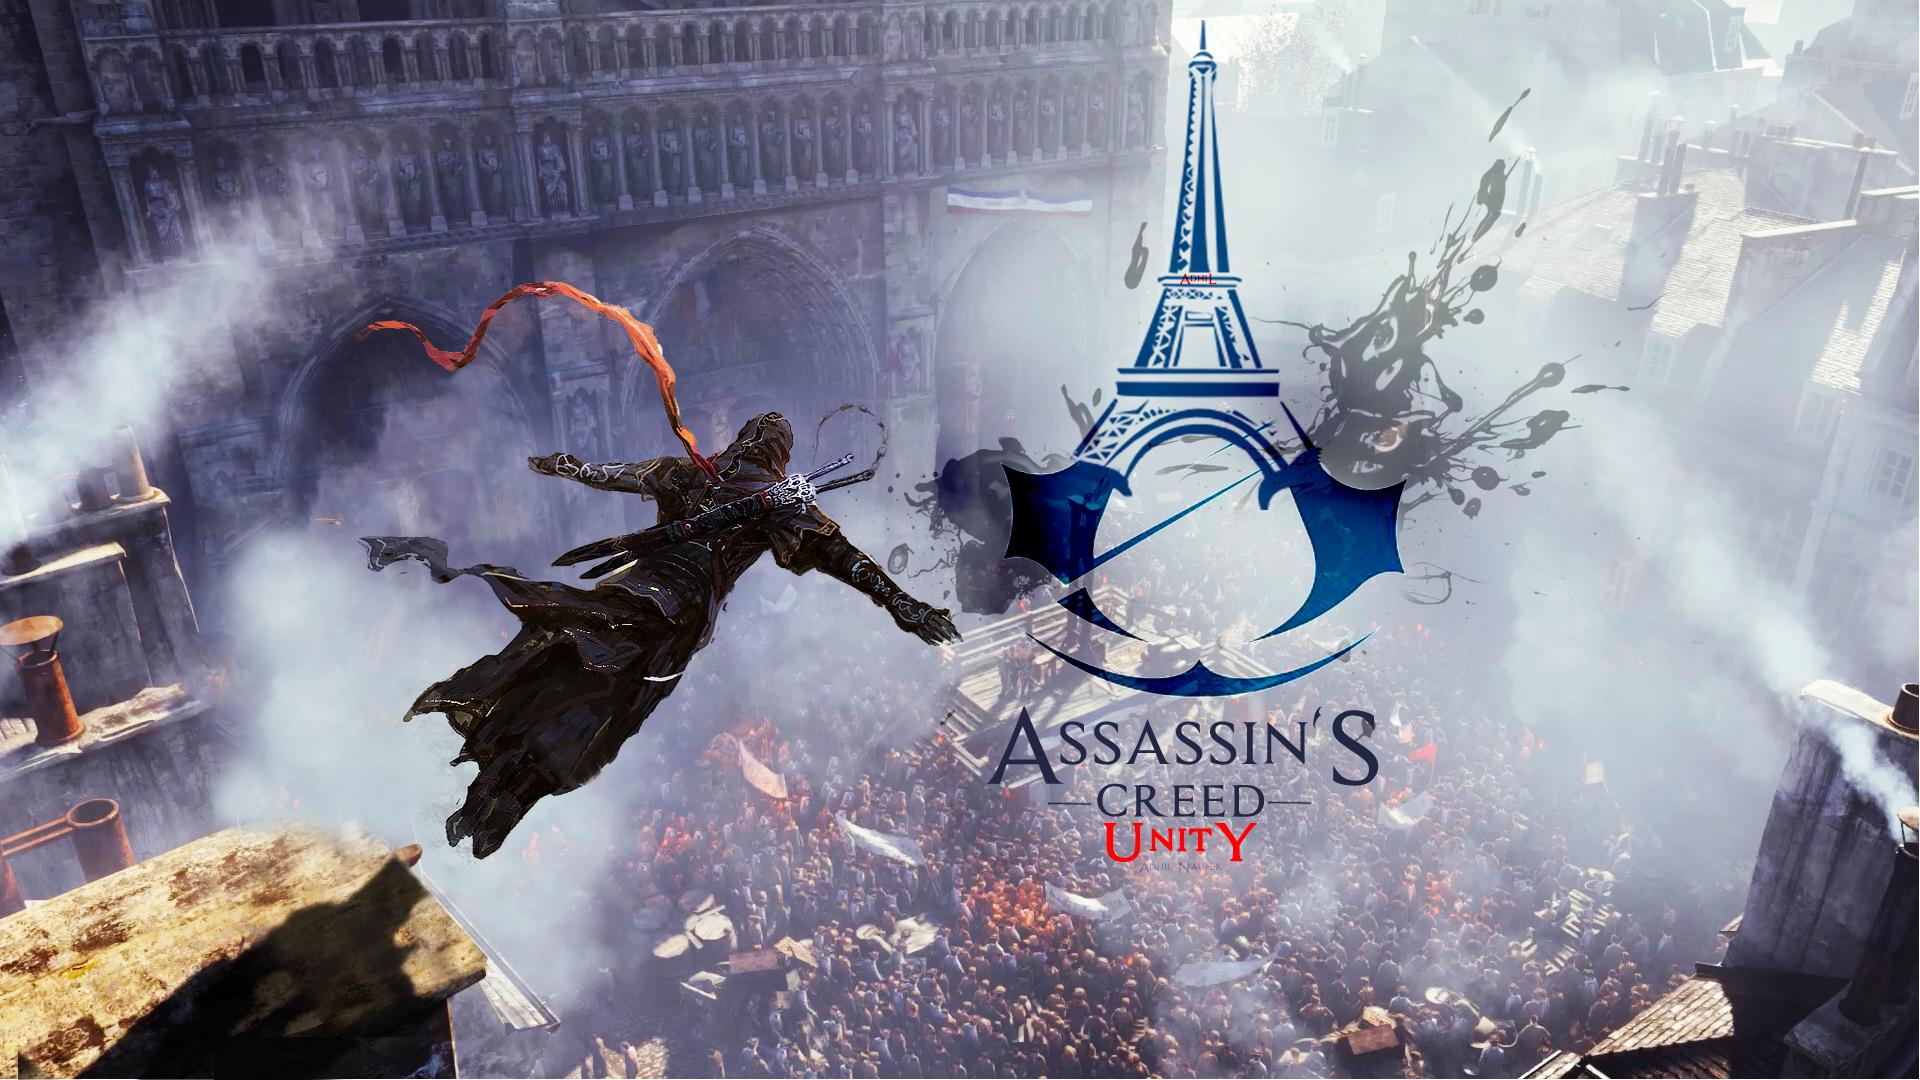 По заявлению Ubisoft частота обновления картинки в Assassin's Creed Unity будет ограничена 30 кадрами в секунду